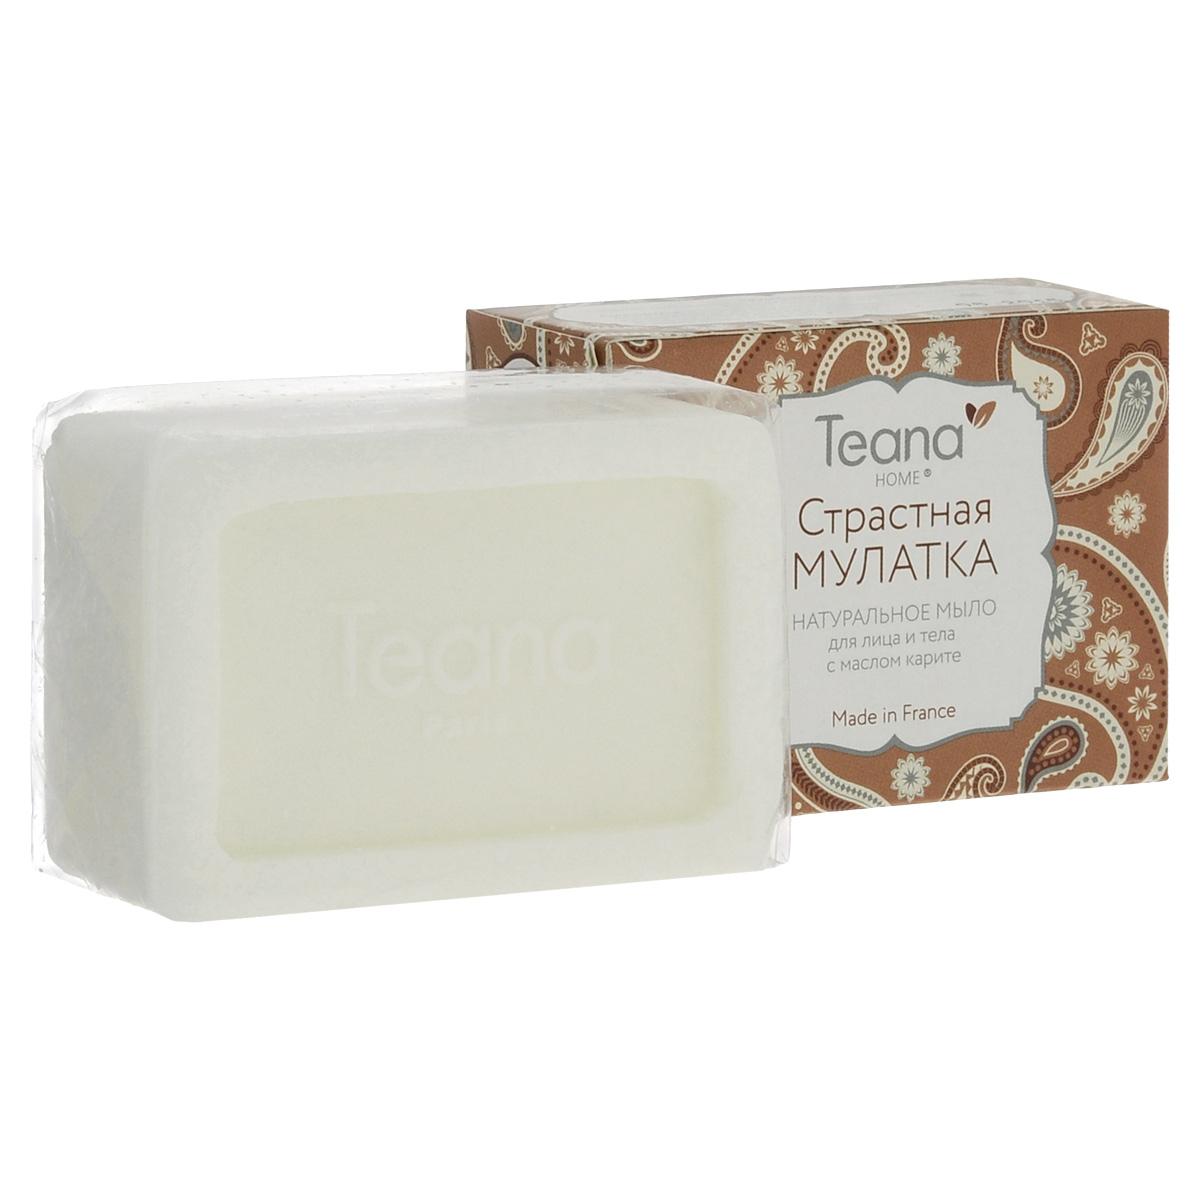 Teana Натуральное мыло для лица и тела Страстная мулатка, для сухой кожи, с маслом карите, 100 г